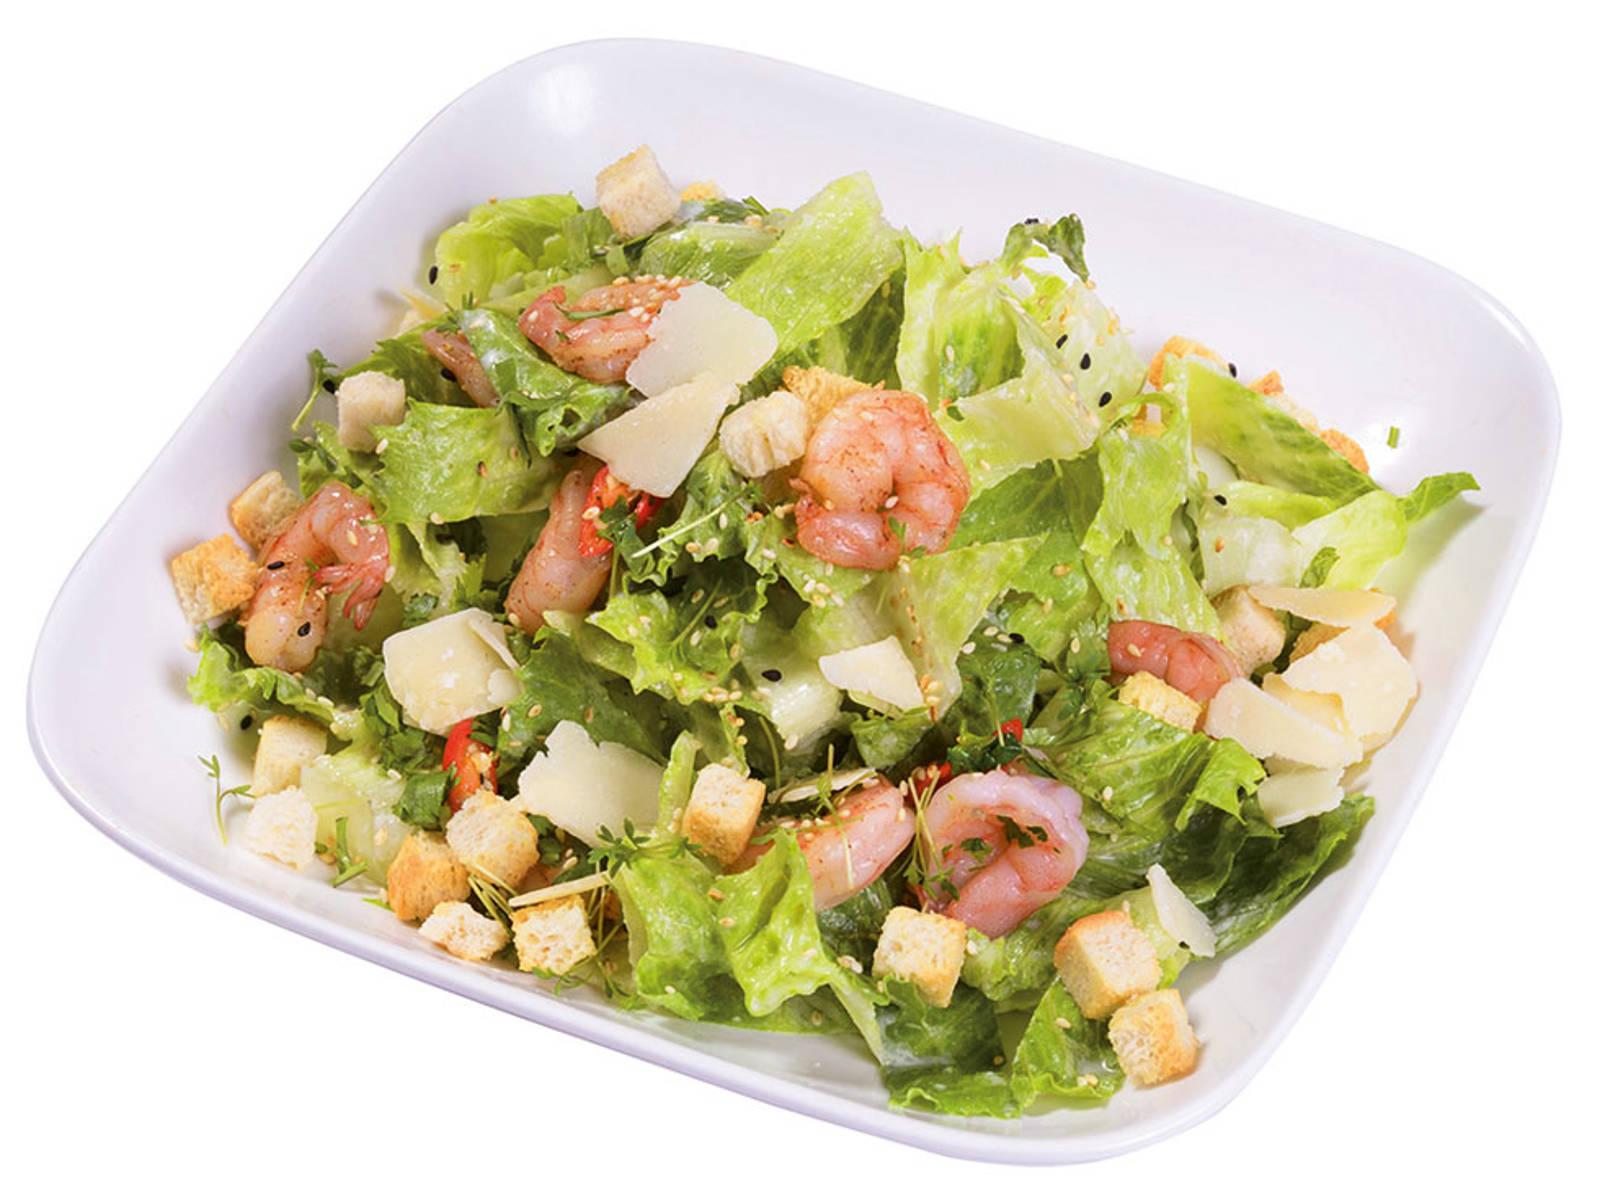 Ceasars Thai Salad mit knackigem Salat, Parmesan und Garnelen